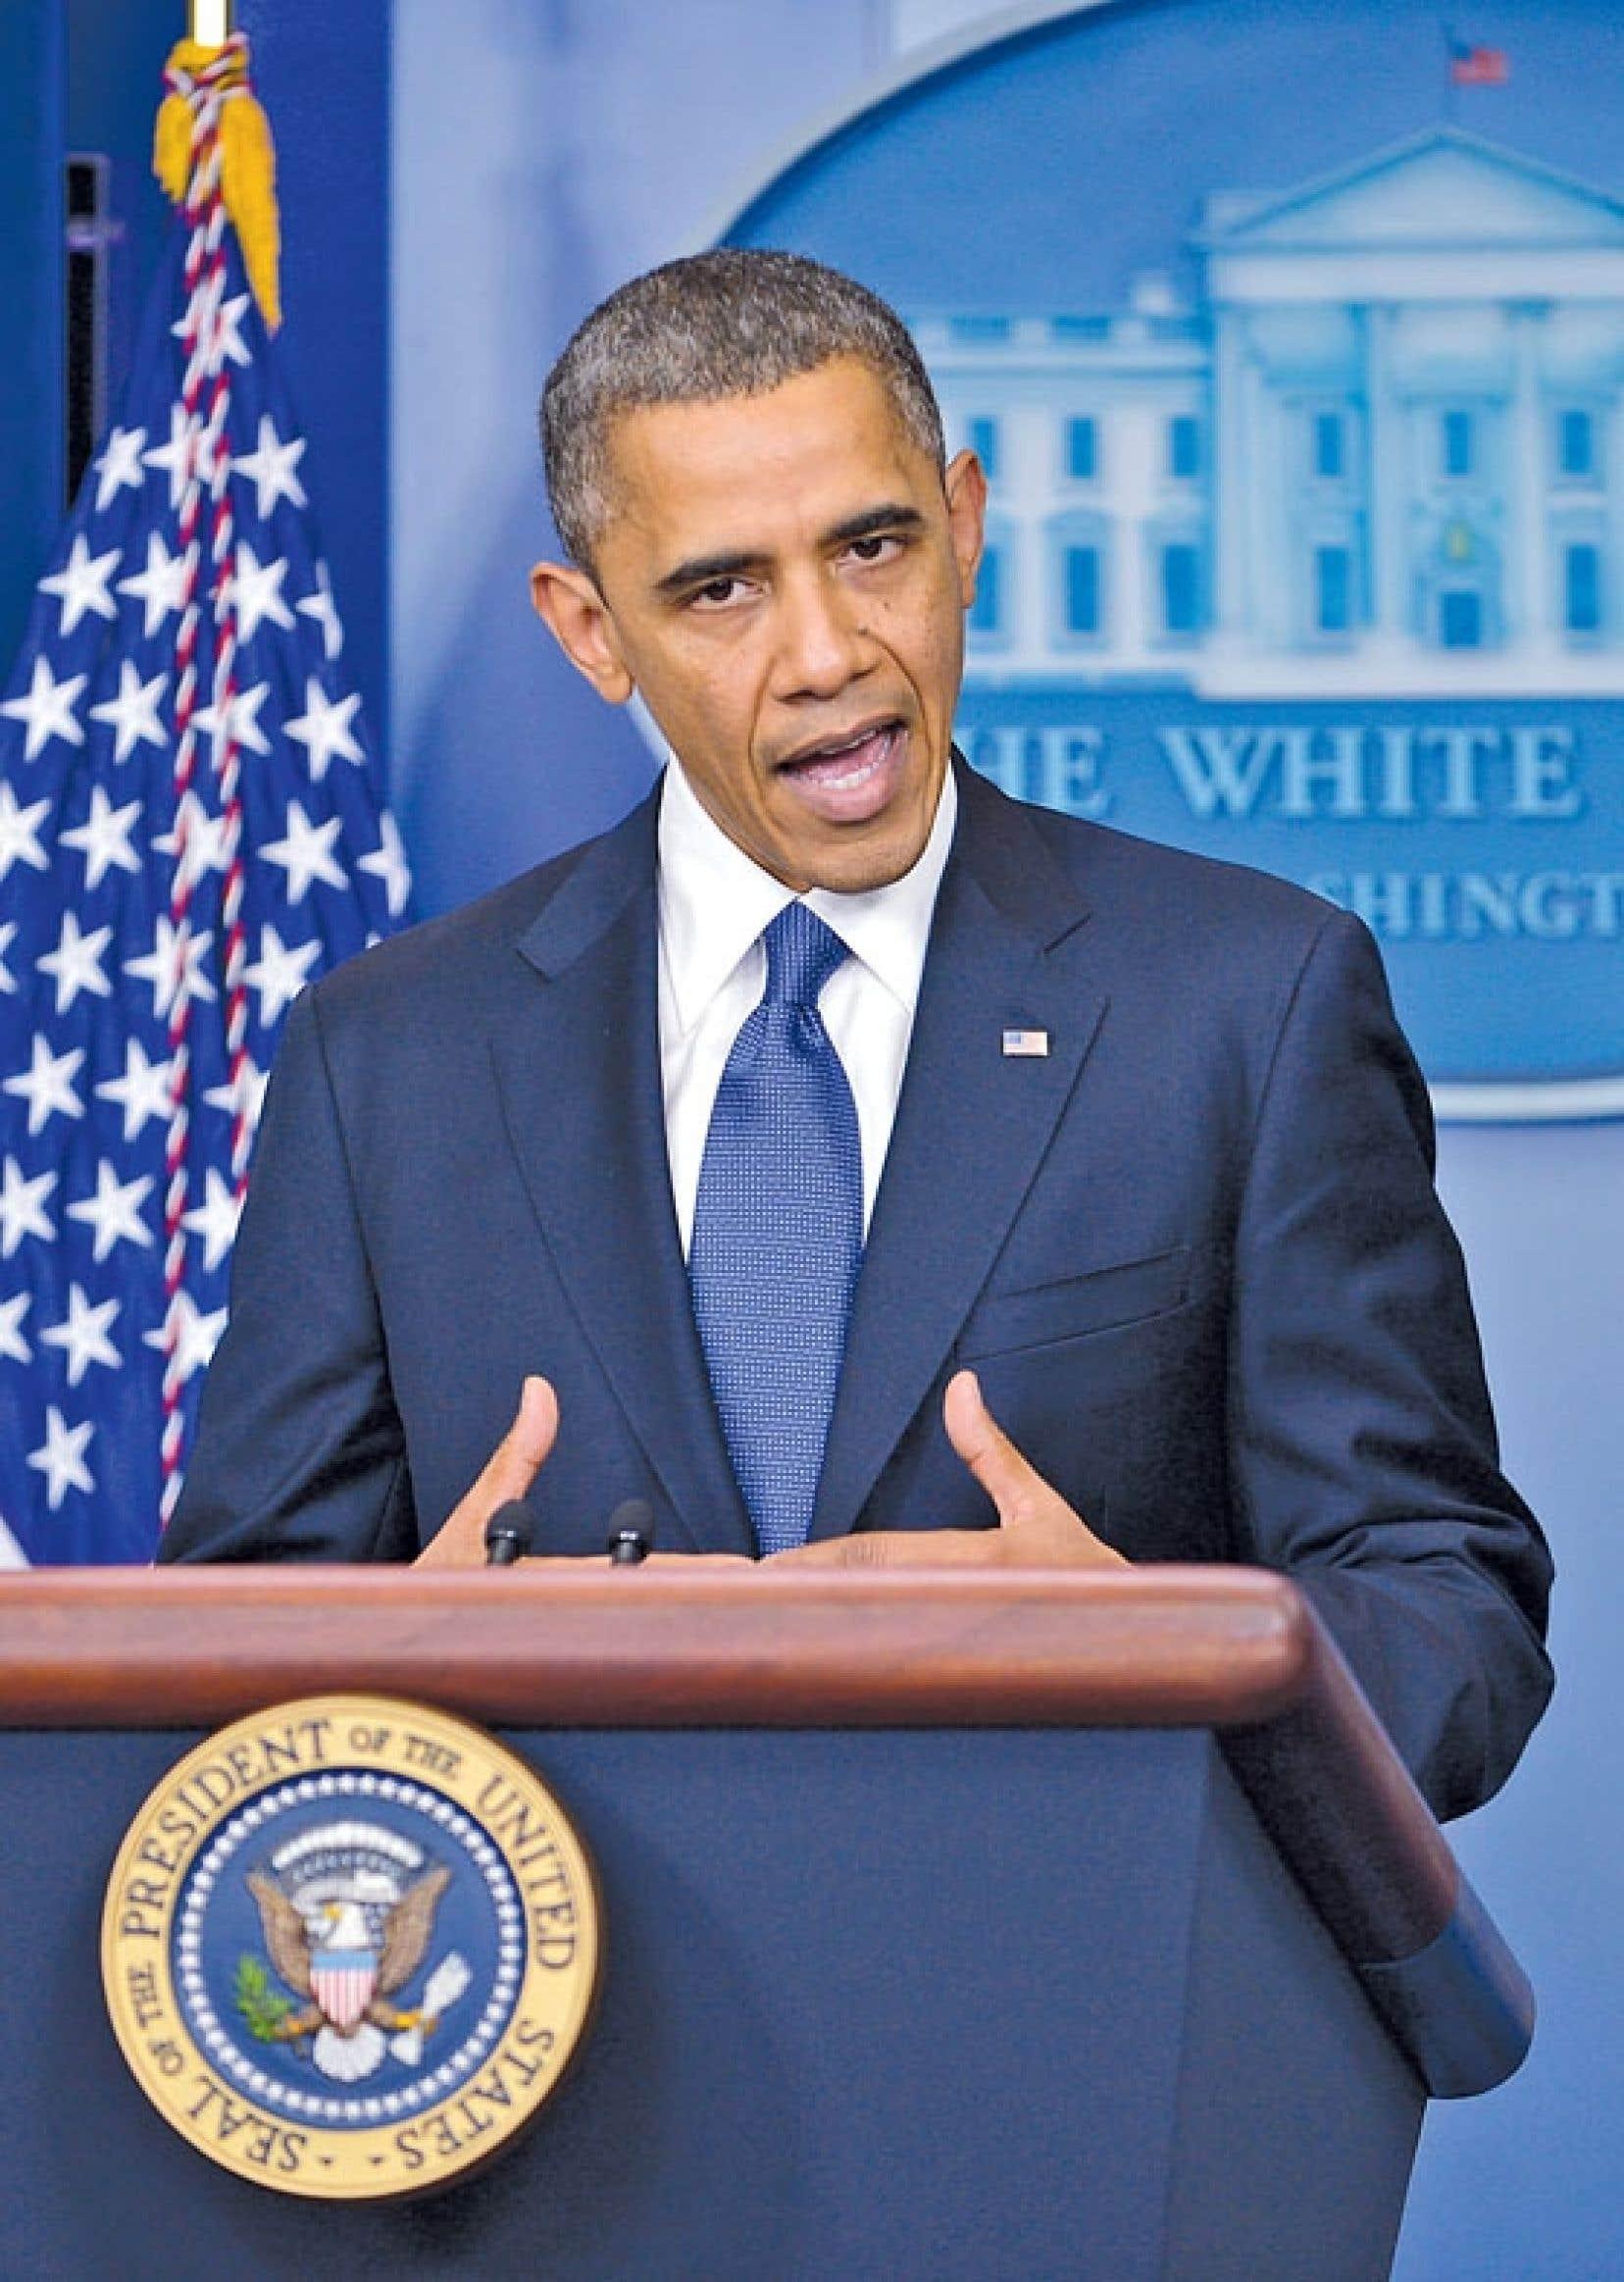 Barack Obama considère qu'il est possible d'arriver à un accord en dix jours si les deux parties se concentrent sur les enjeux centraux.